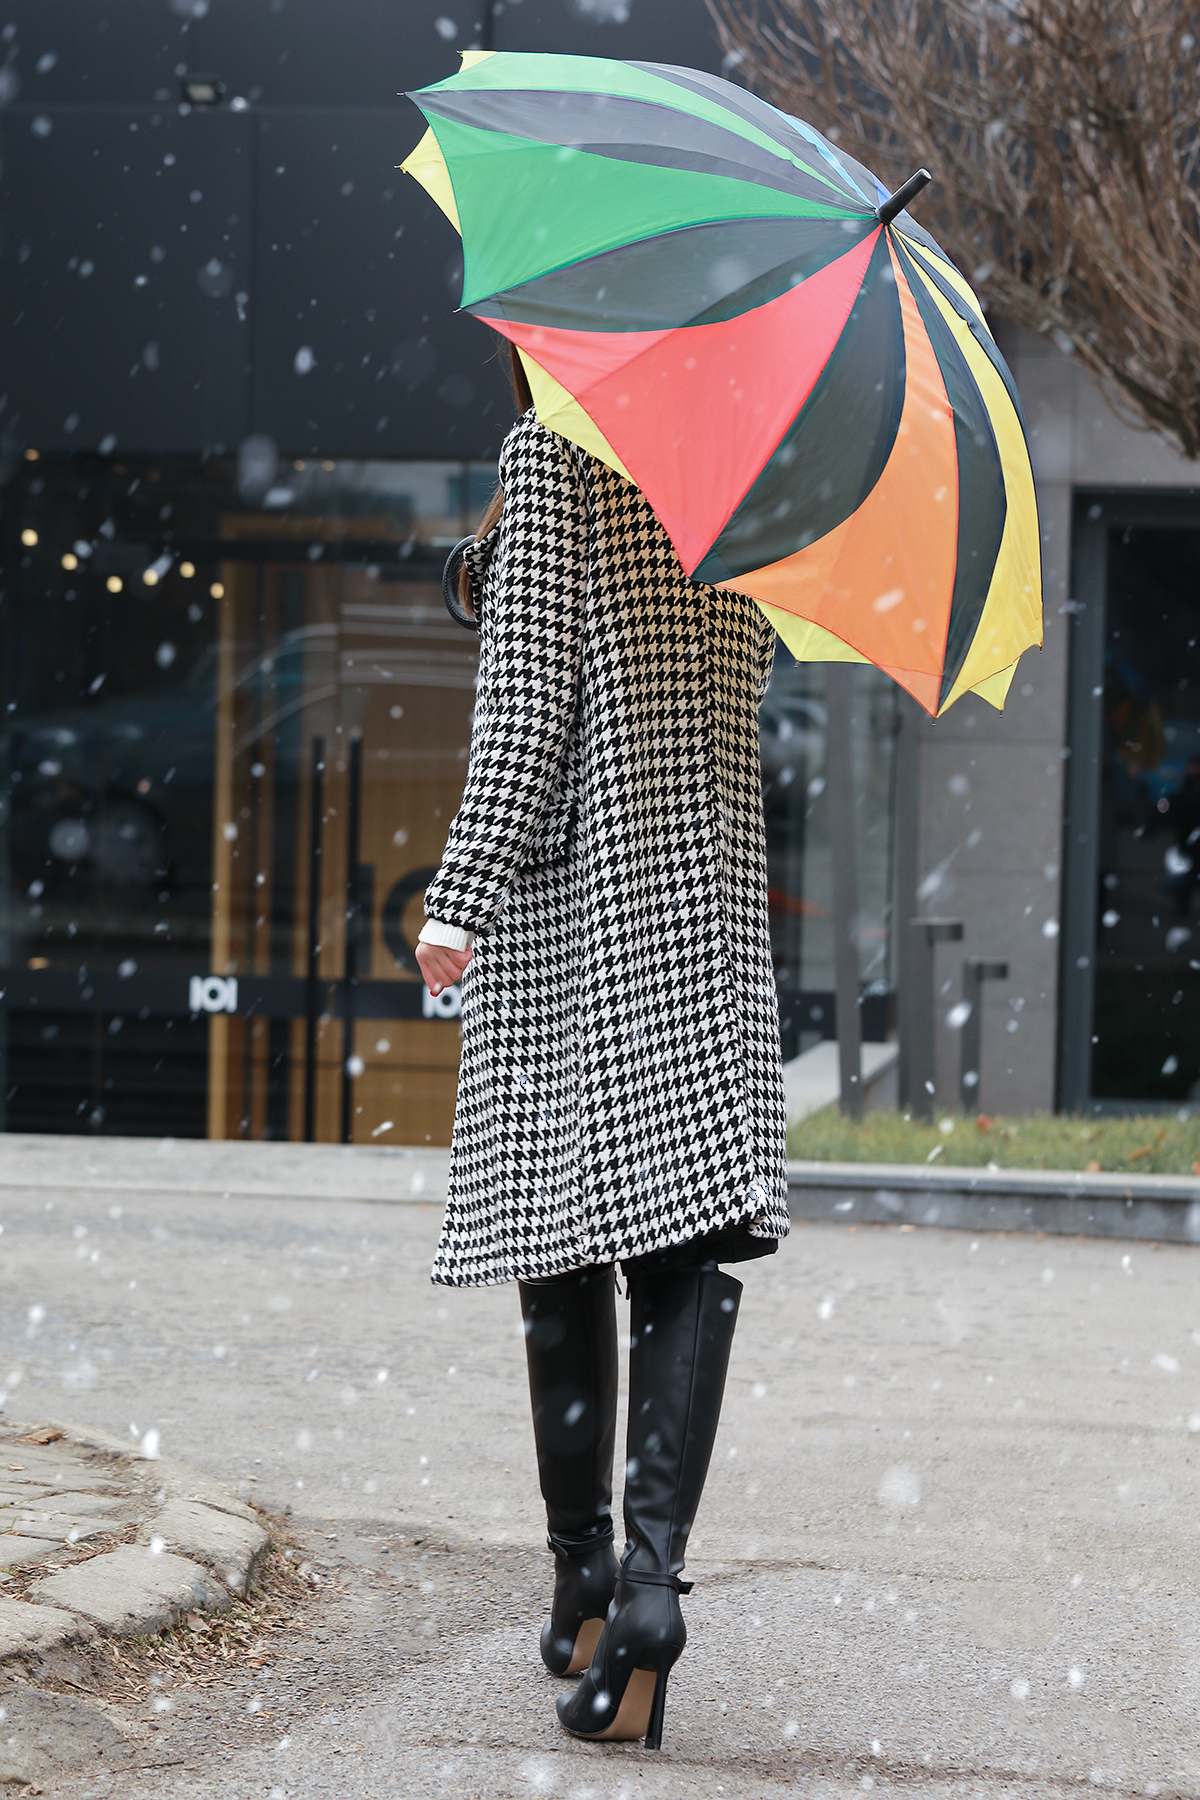 ομπρέλα RAINBOW - 1